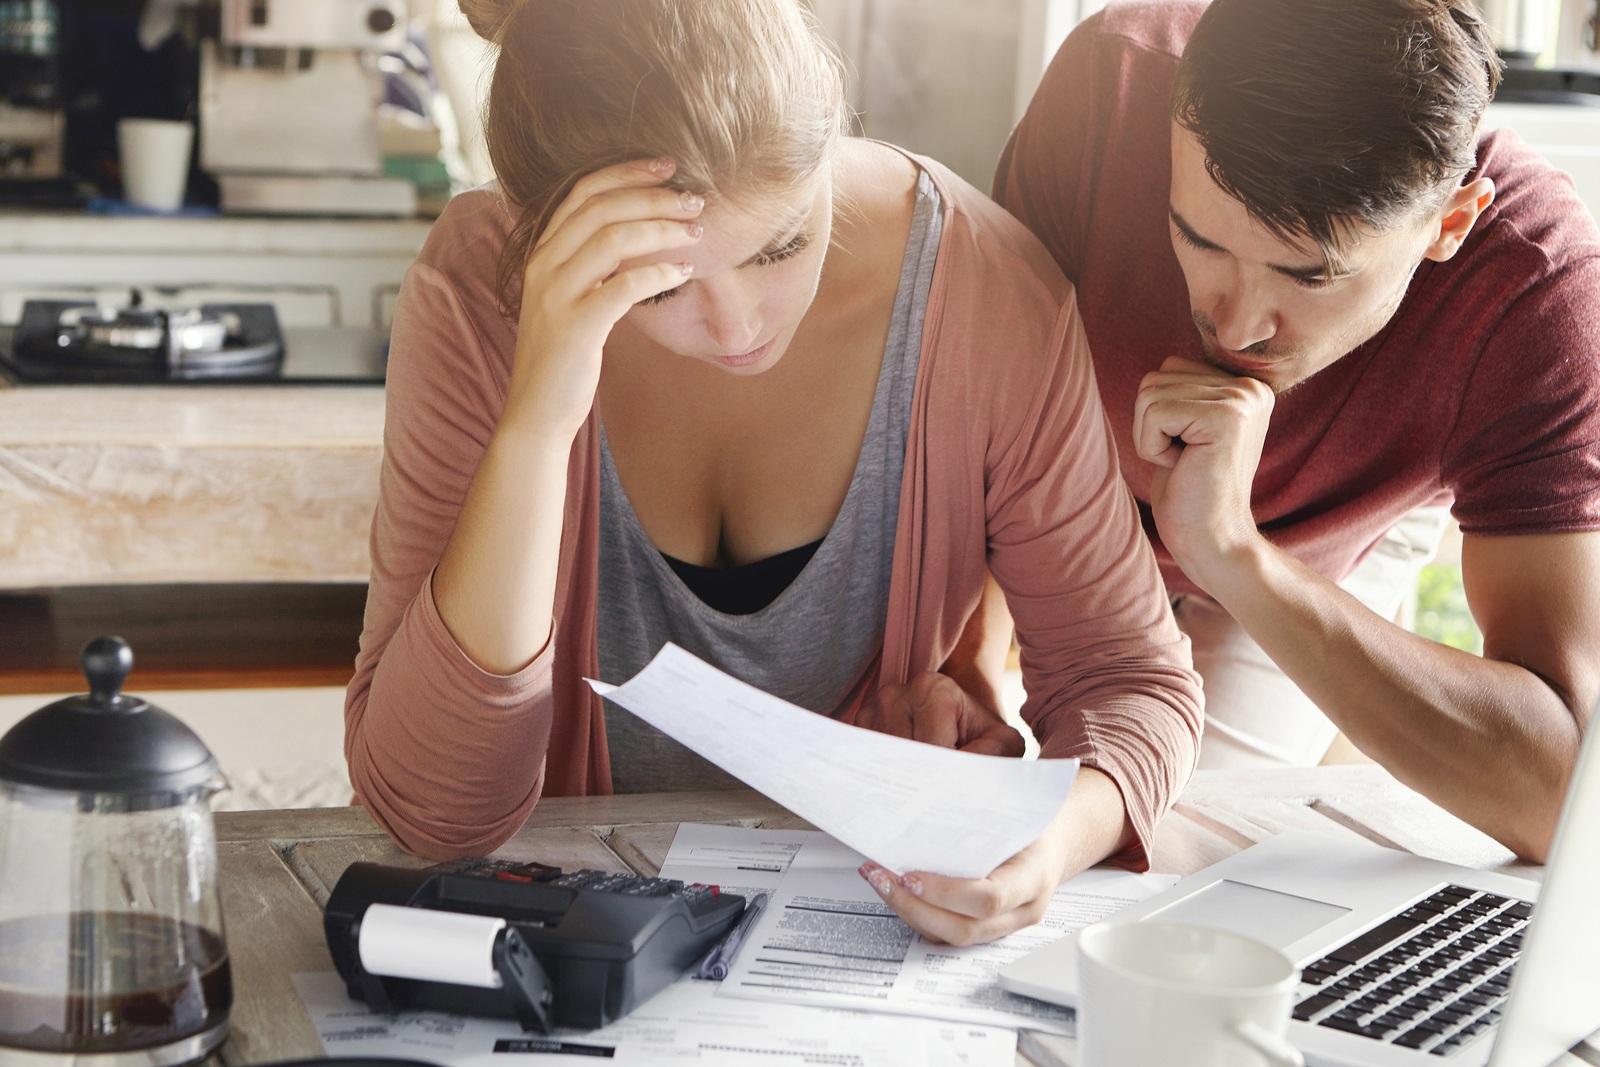 Обратная связь: как снизить долговую нагрузку и сохранить единственное жилье или как получить статус «реабилитирован» по кредитам